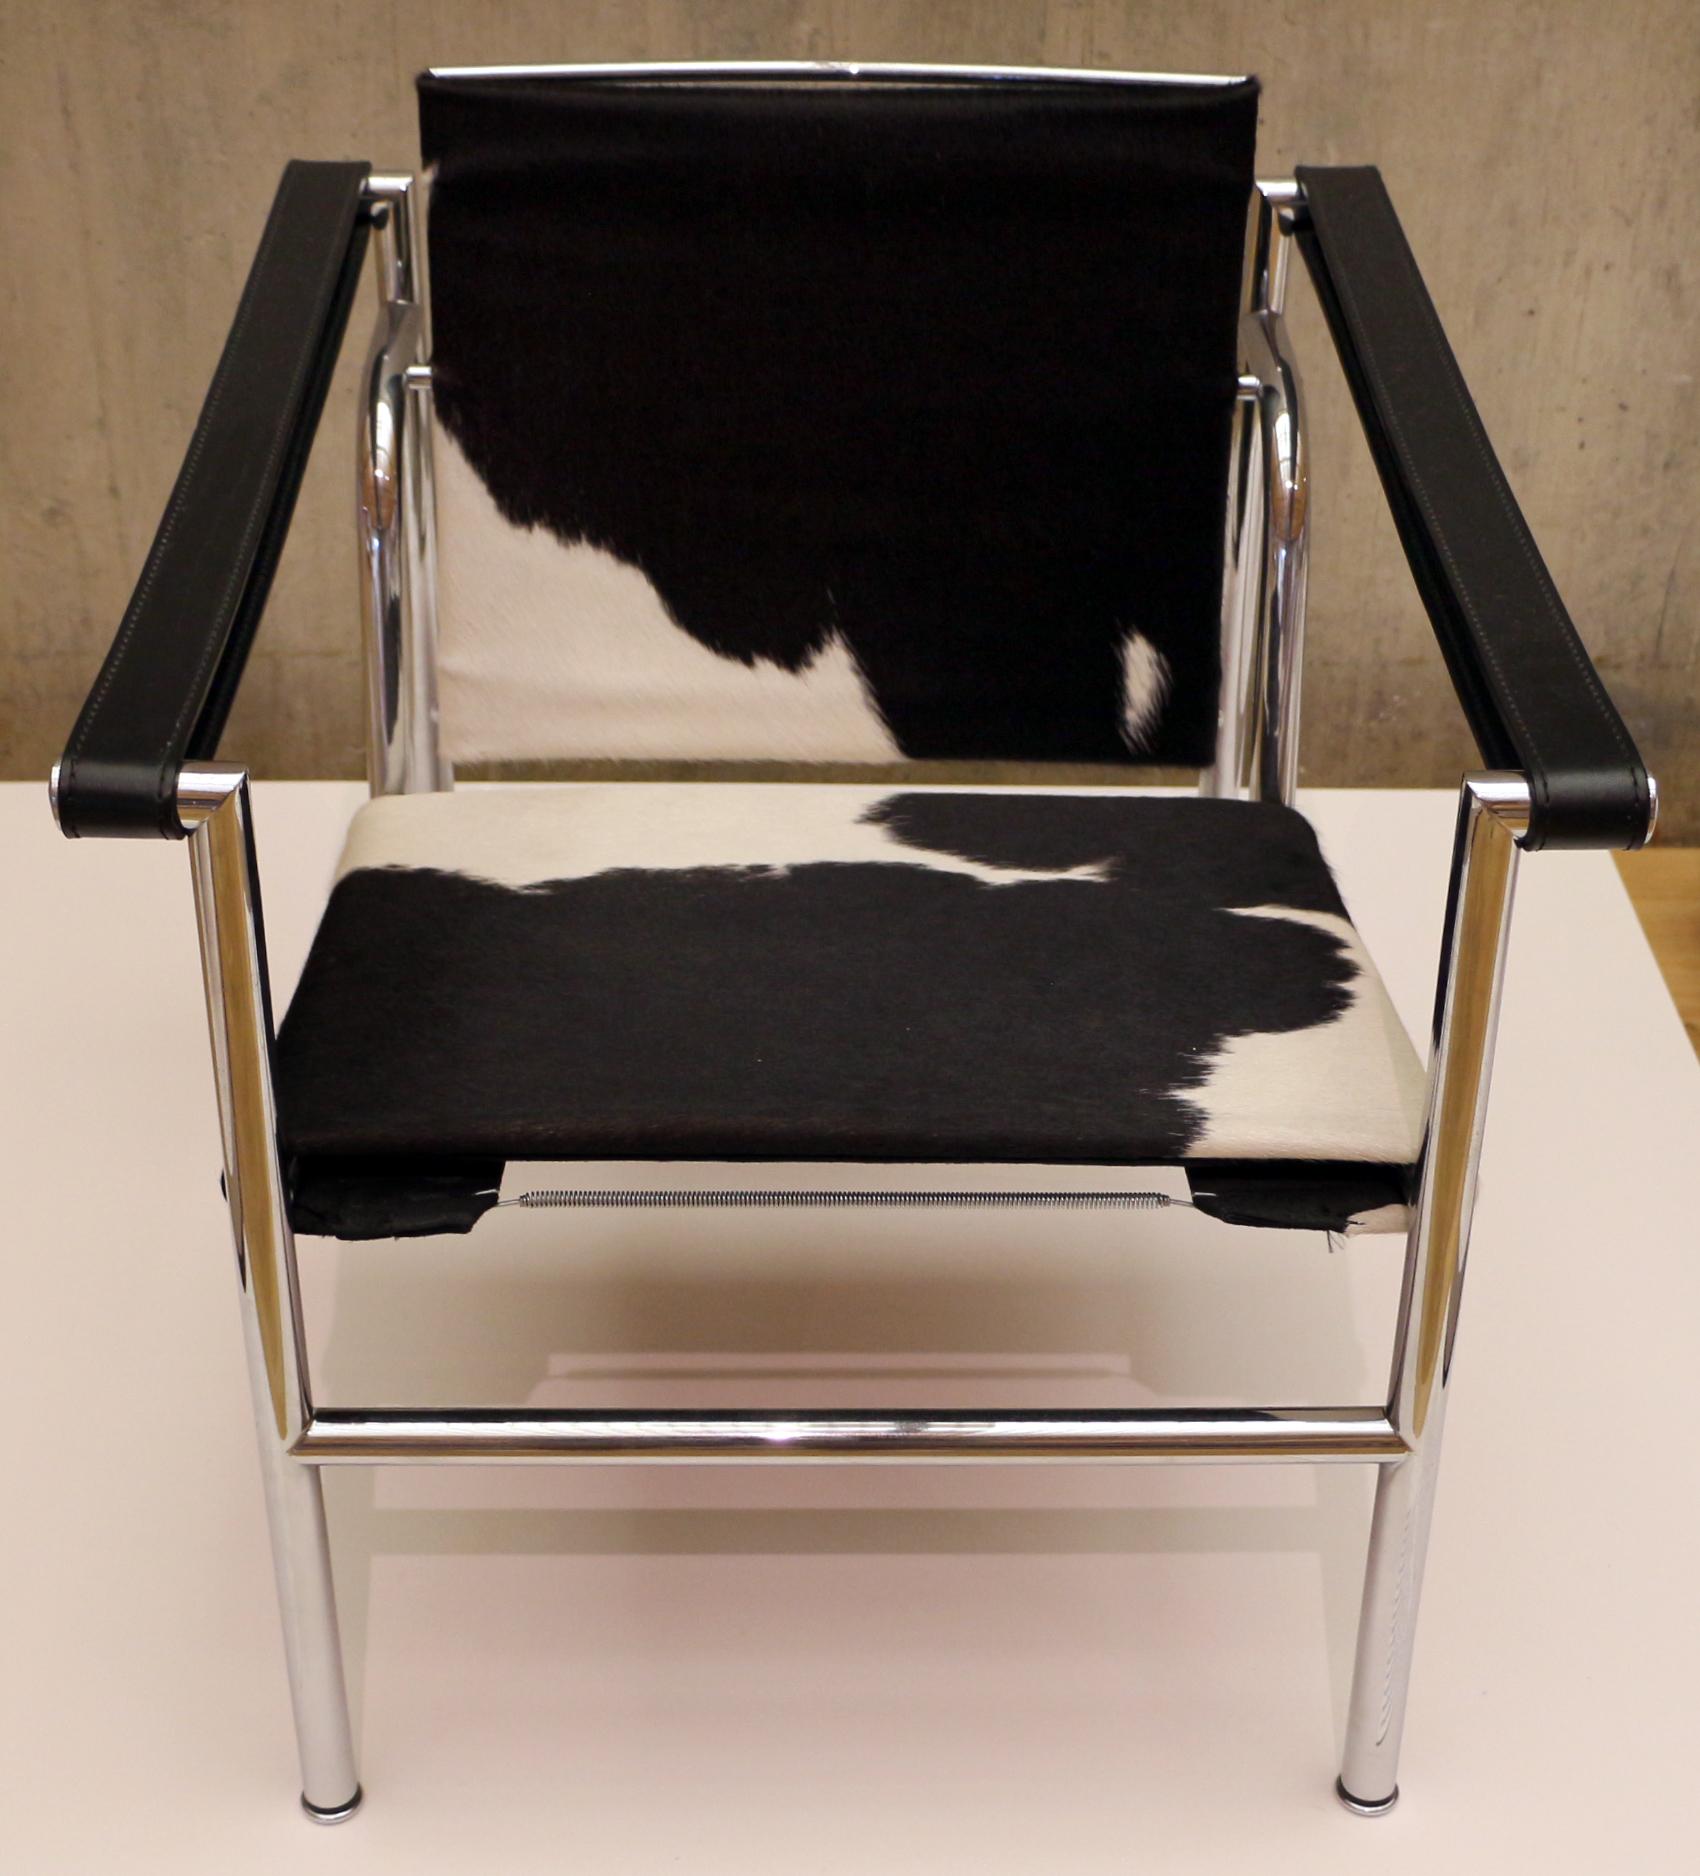 File le corbusier con jeanneret e charlotte perriand sedia basculante modello b301 - Sedia le corbusier ...